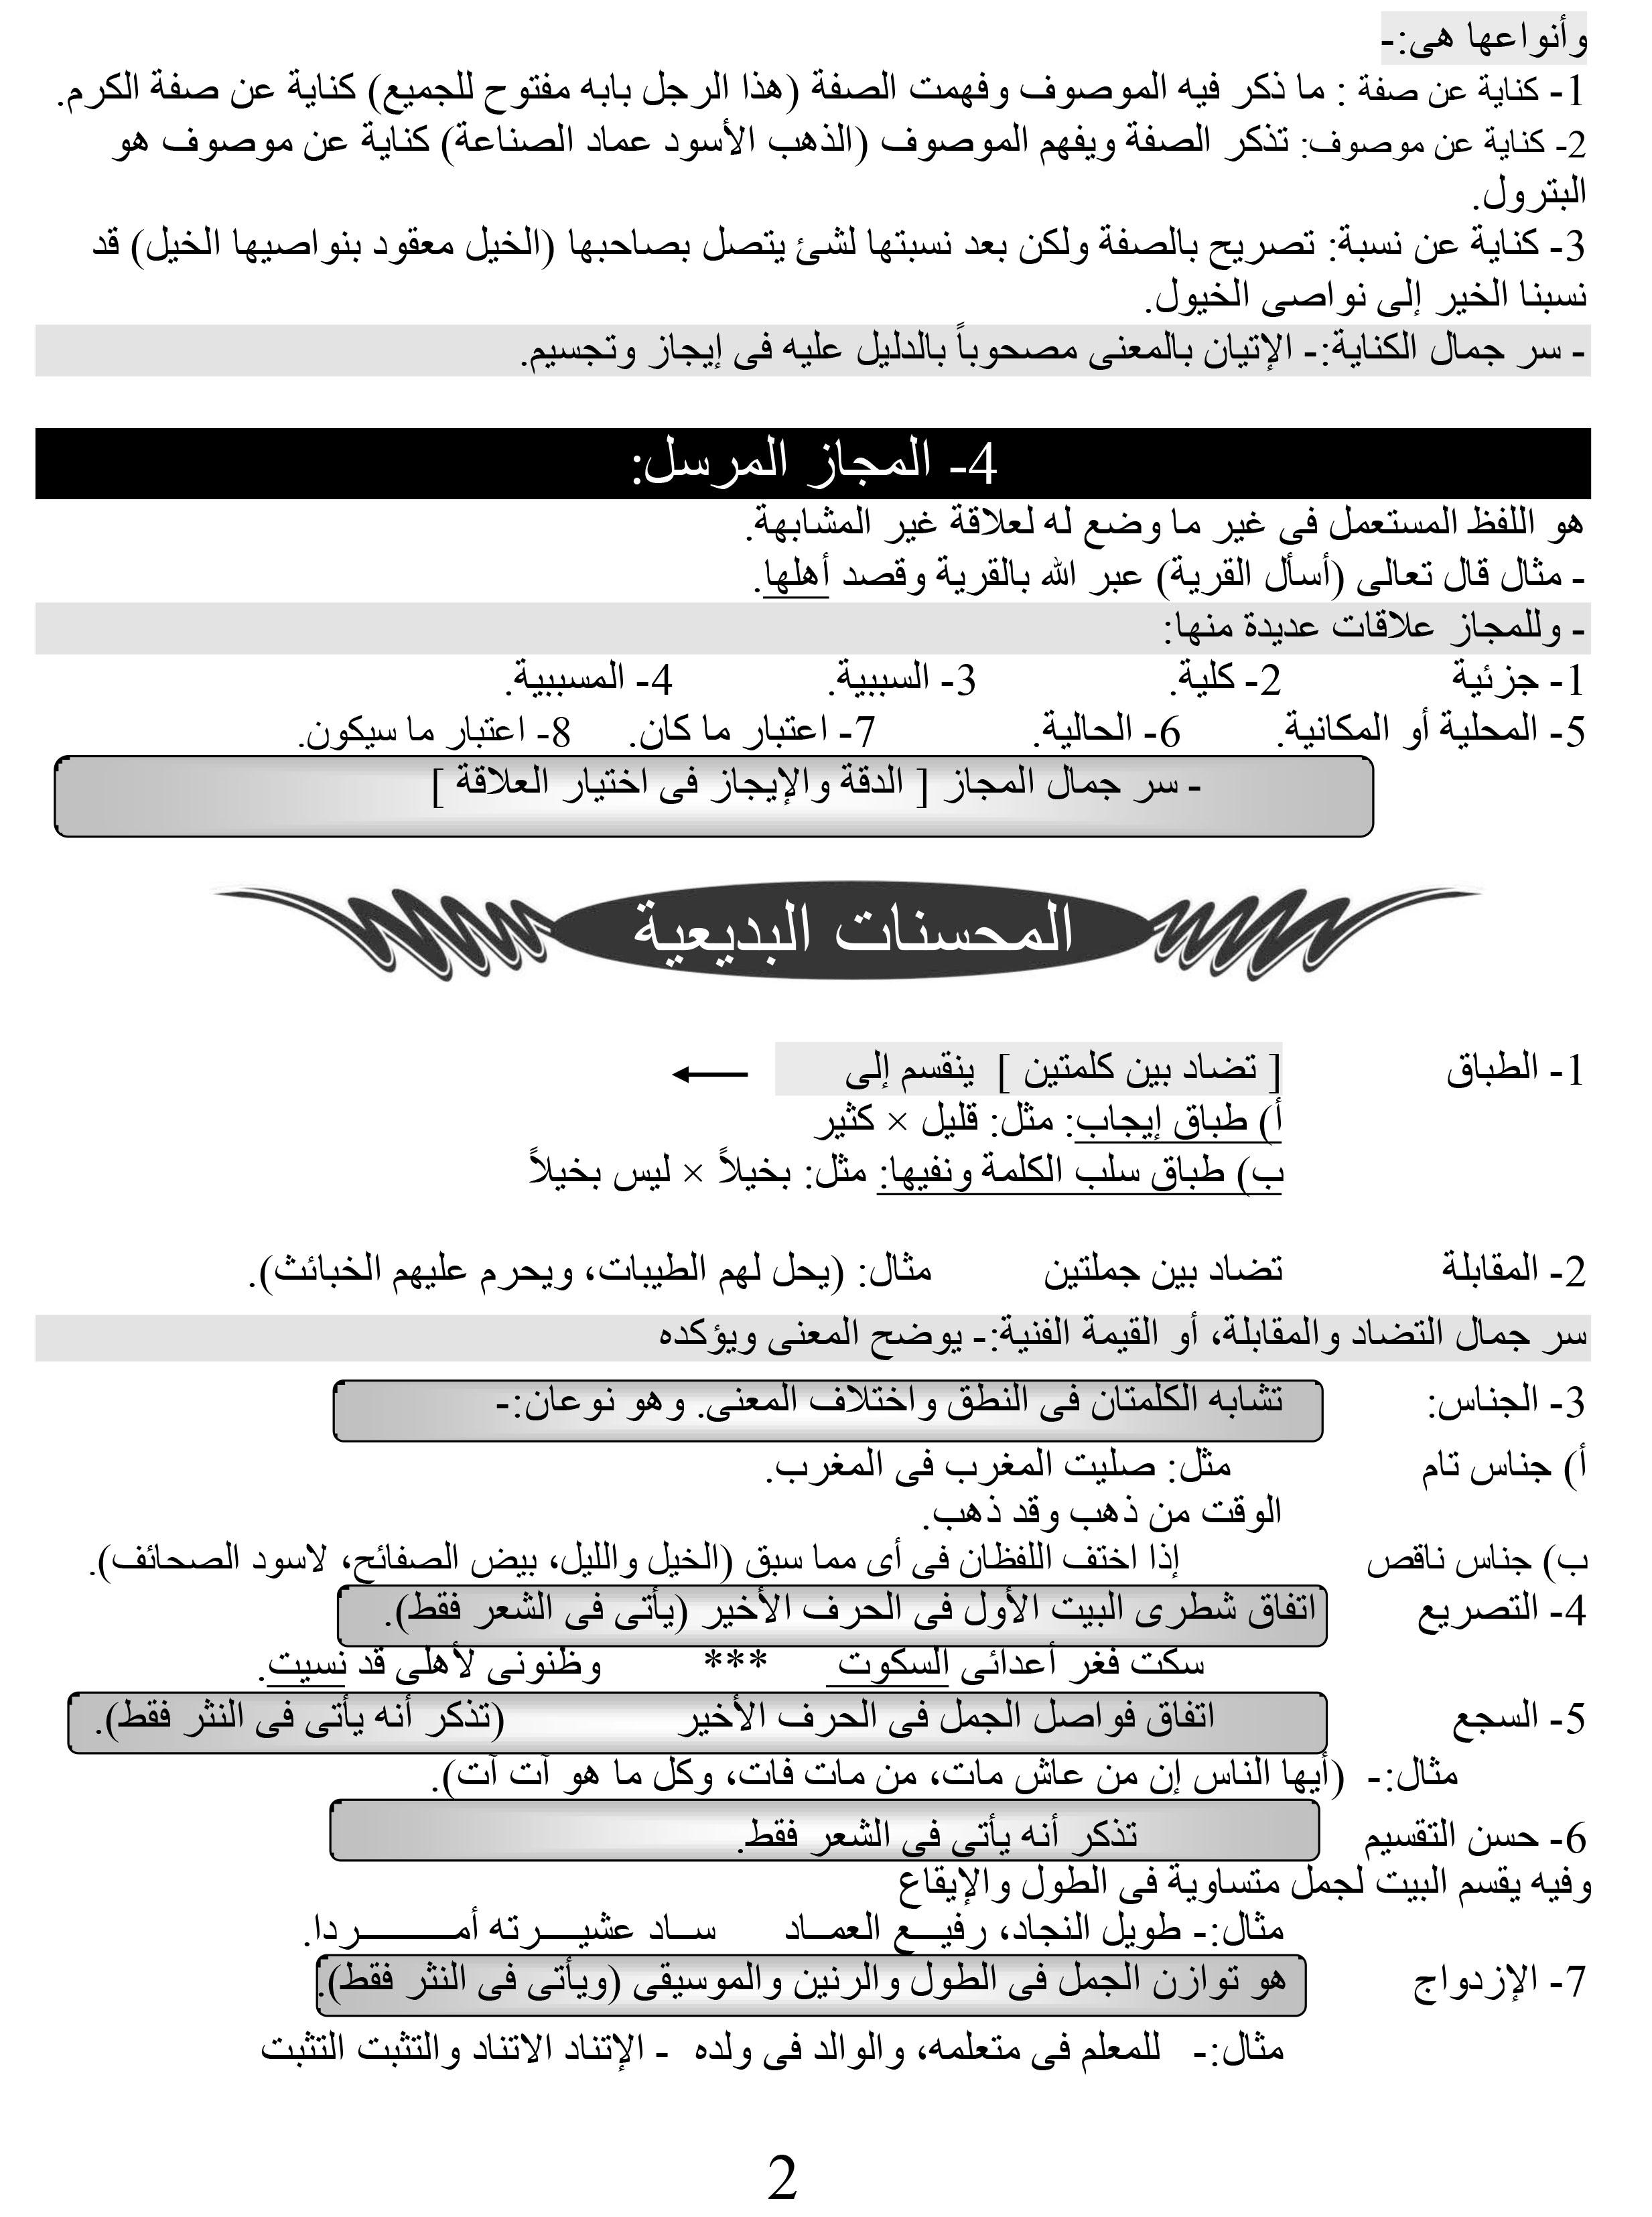 أقوى-المراجعات-النهائية-للثانوية-العامة--فى-اللغة-العربية-2